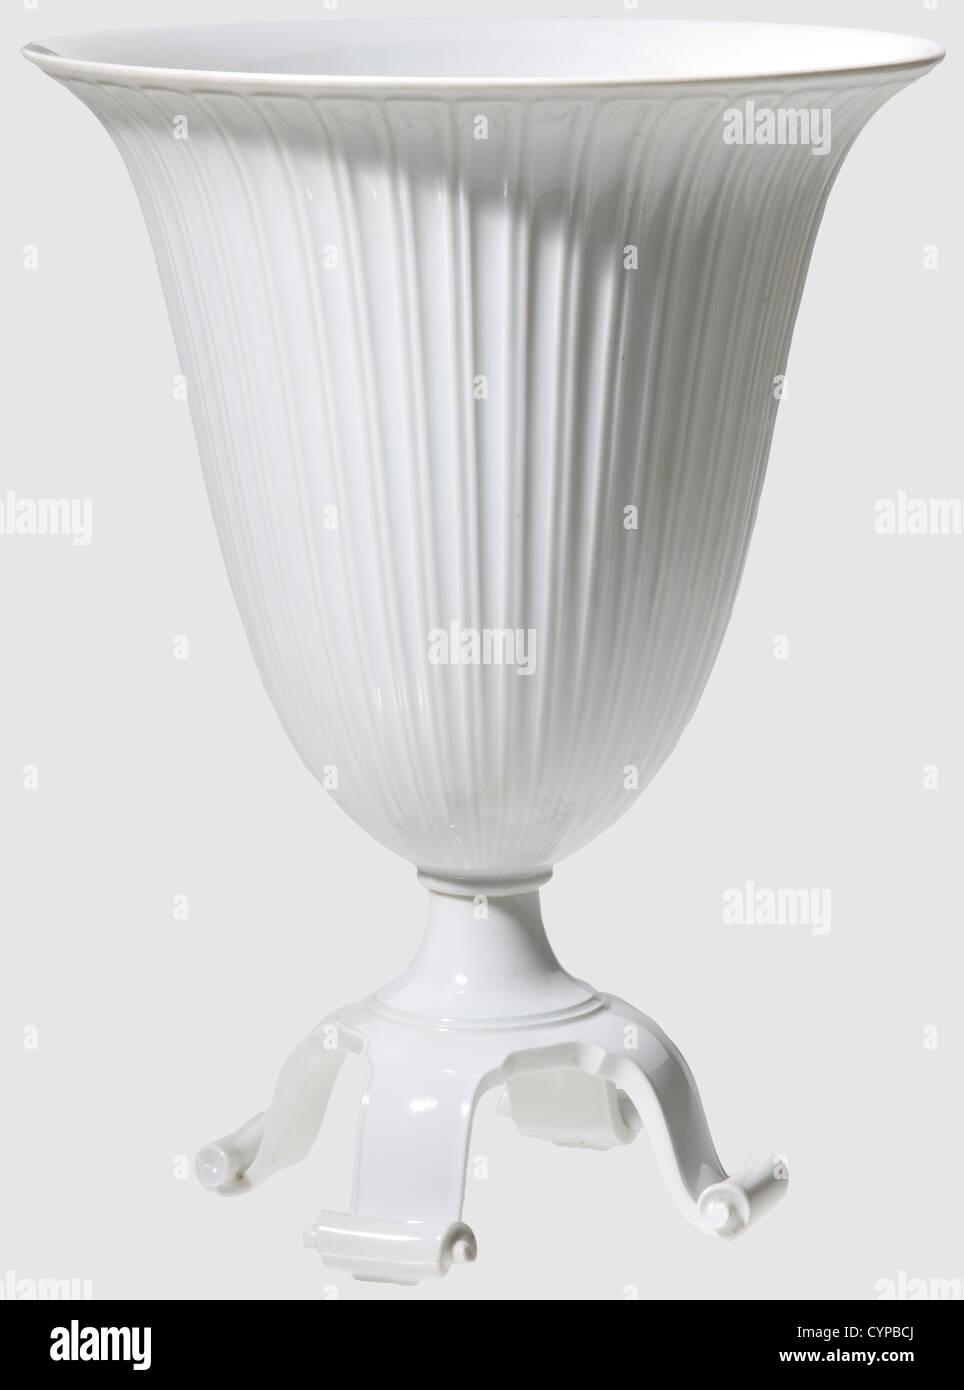 A krater vase, Allach Porcelain Factory Design by Adolf Röhring. Model number '515'. White, glazed - Stock Image